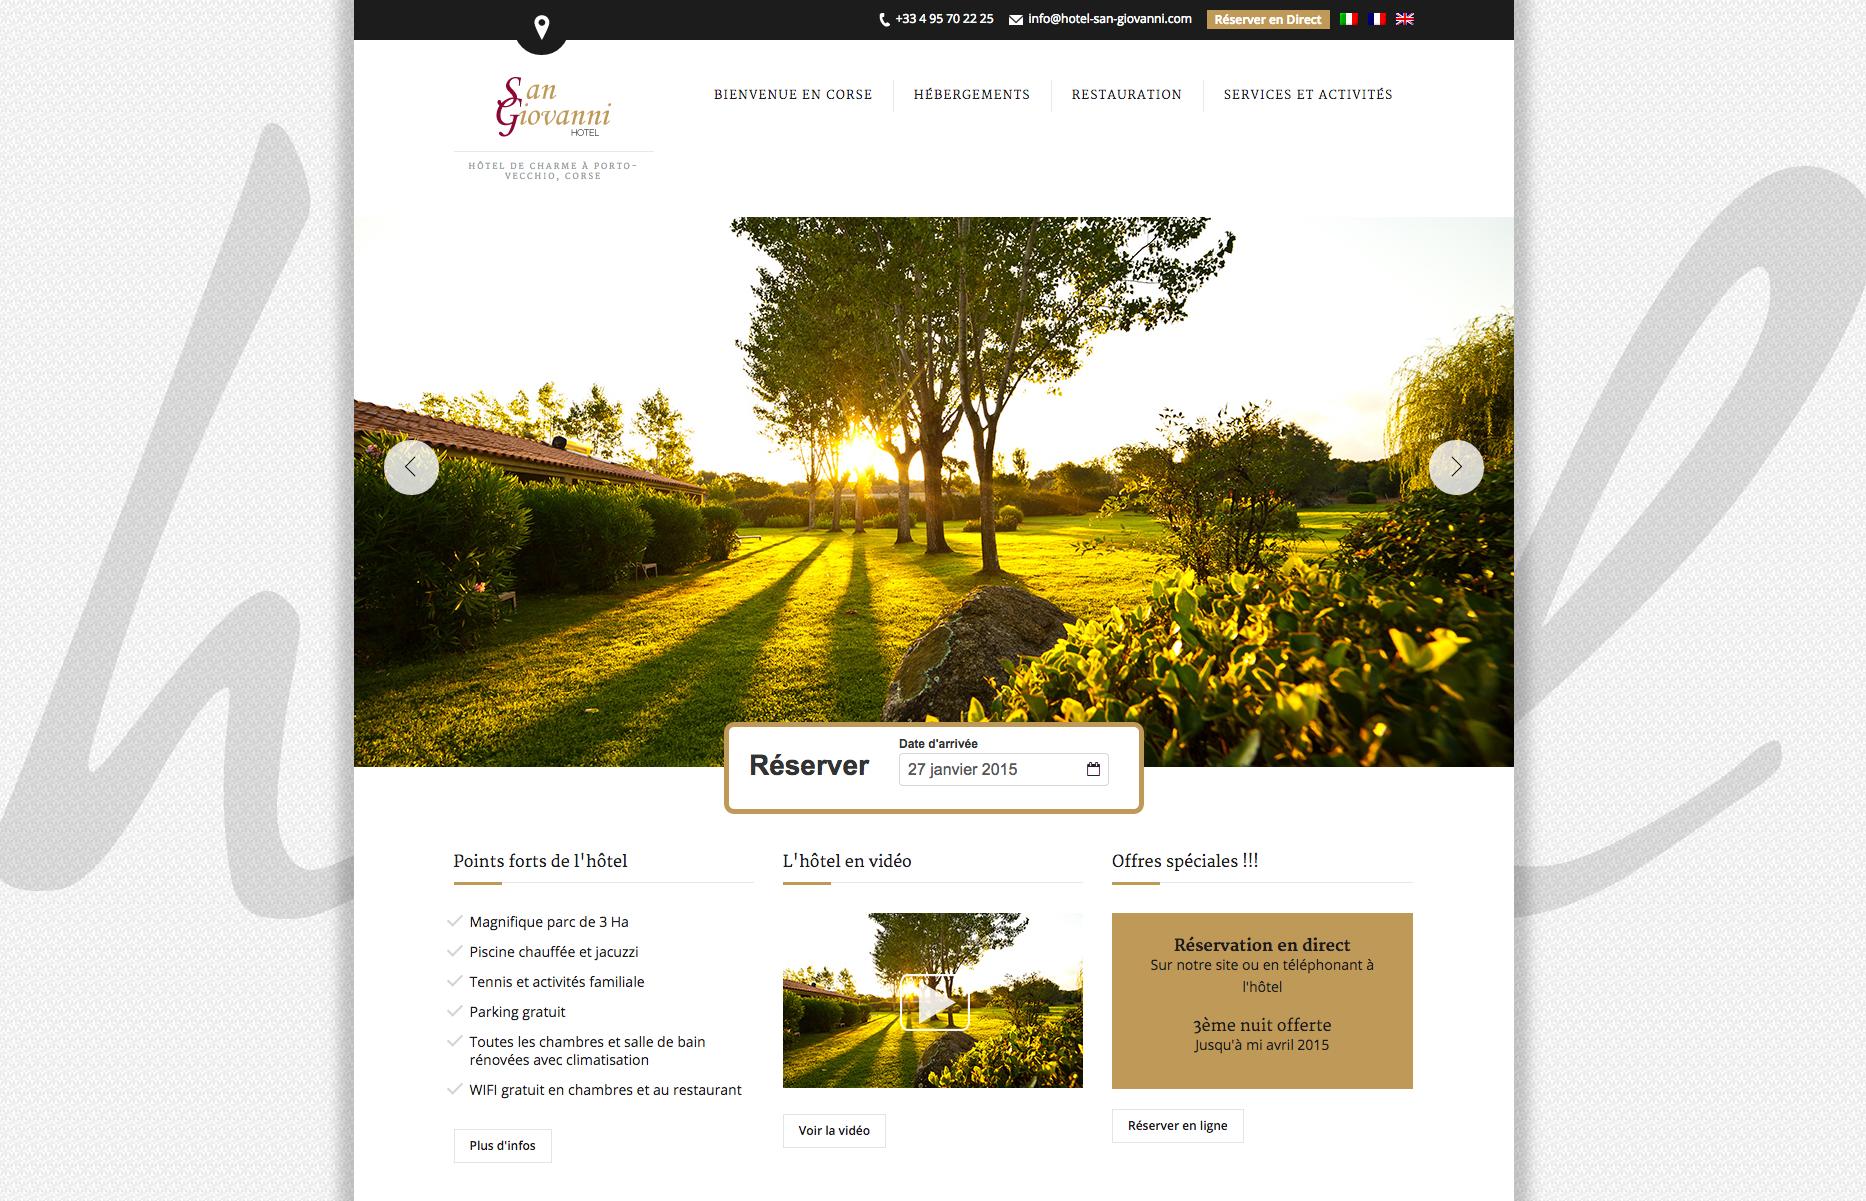 Nouveau site développé par PMT Hotels pour l'hôtel San Giovanni. PMT Hotels est un webmaster pour hôtels indépendants